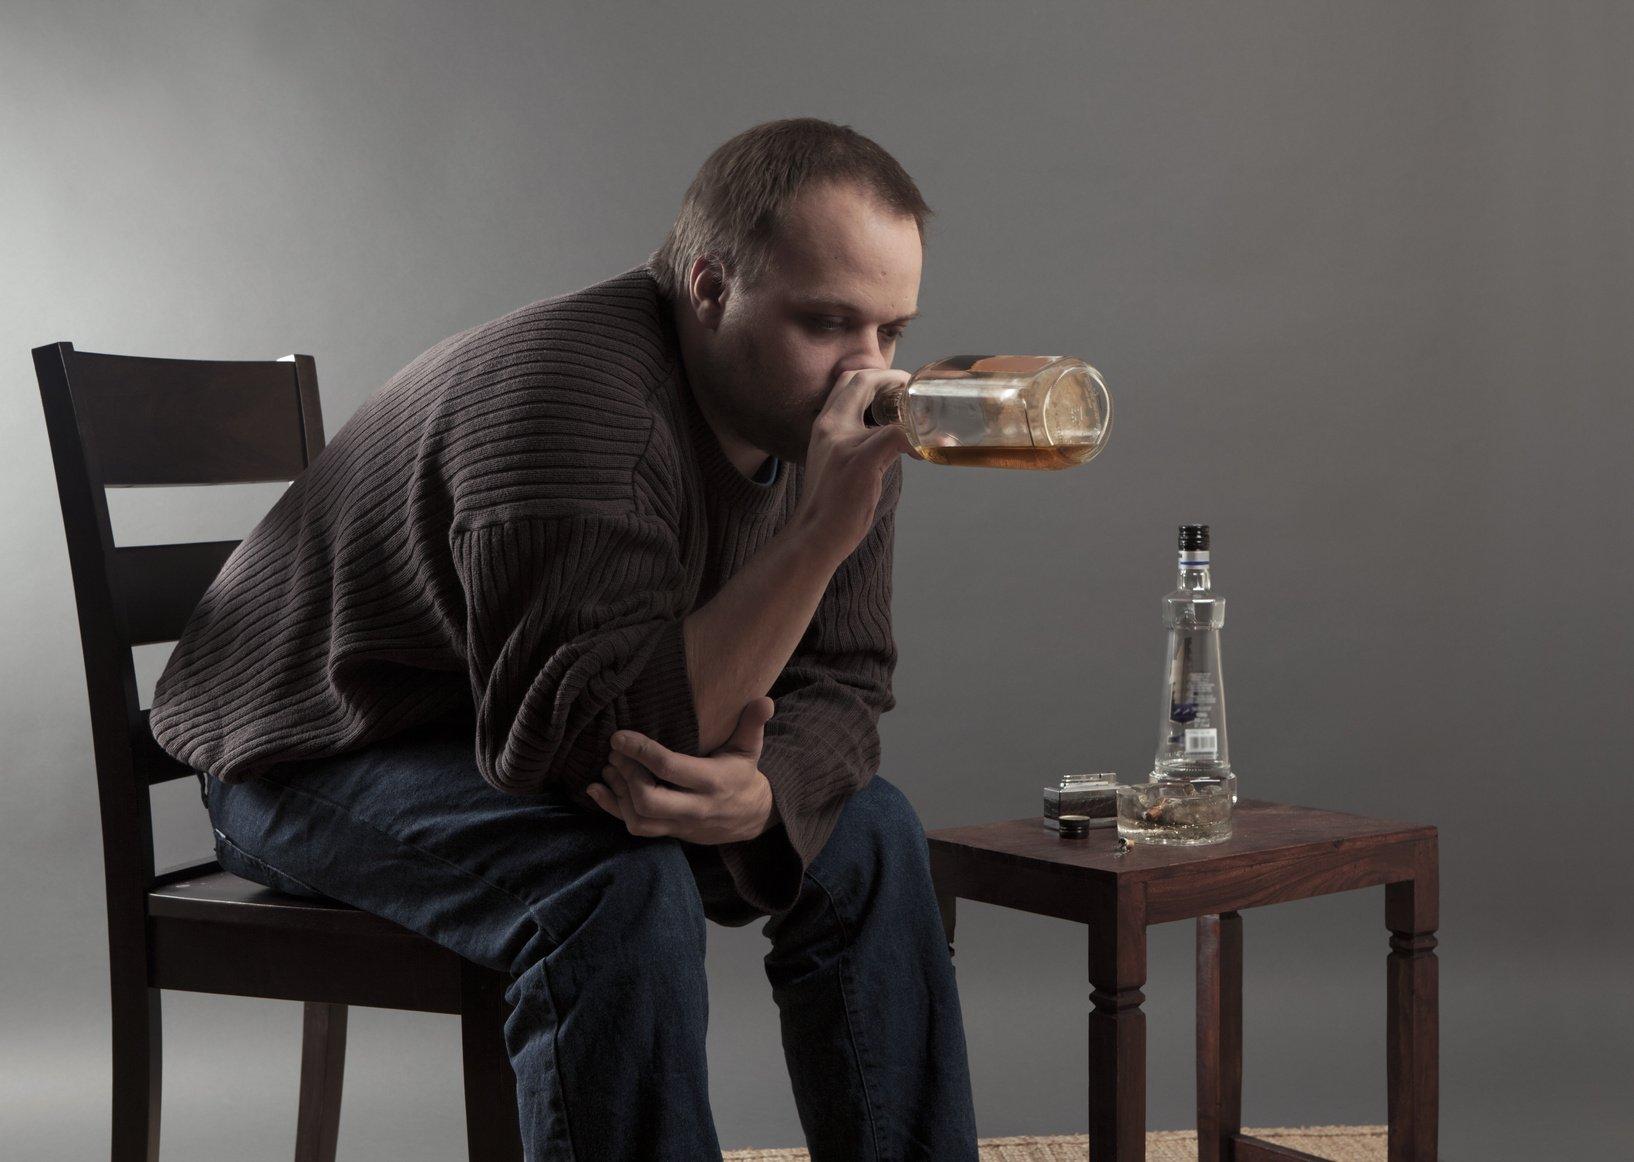 Картинки, смешные картинки про пьющих мужчин